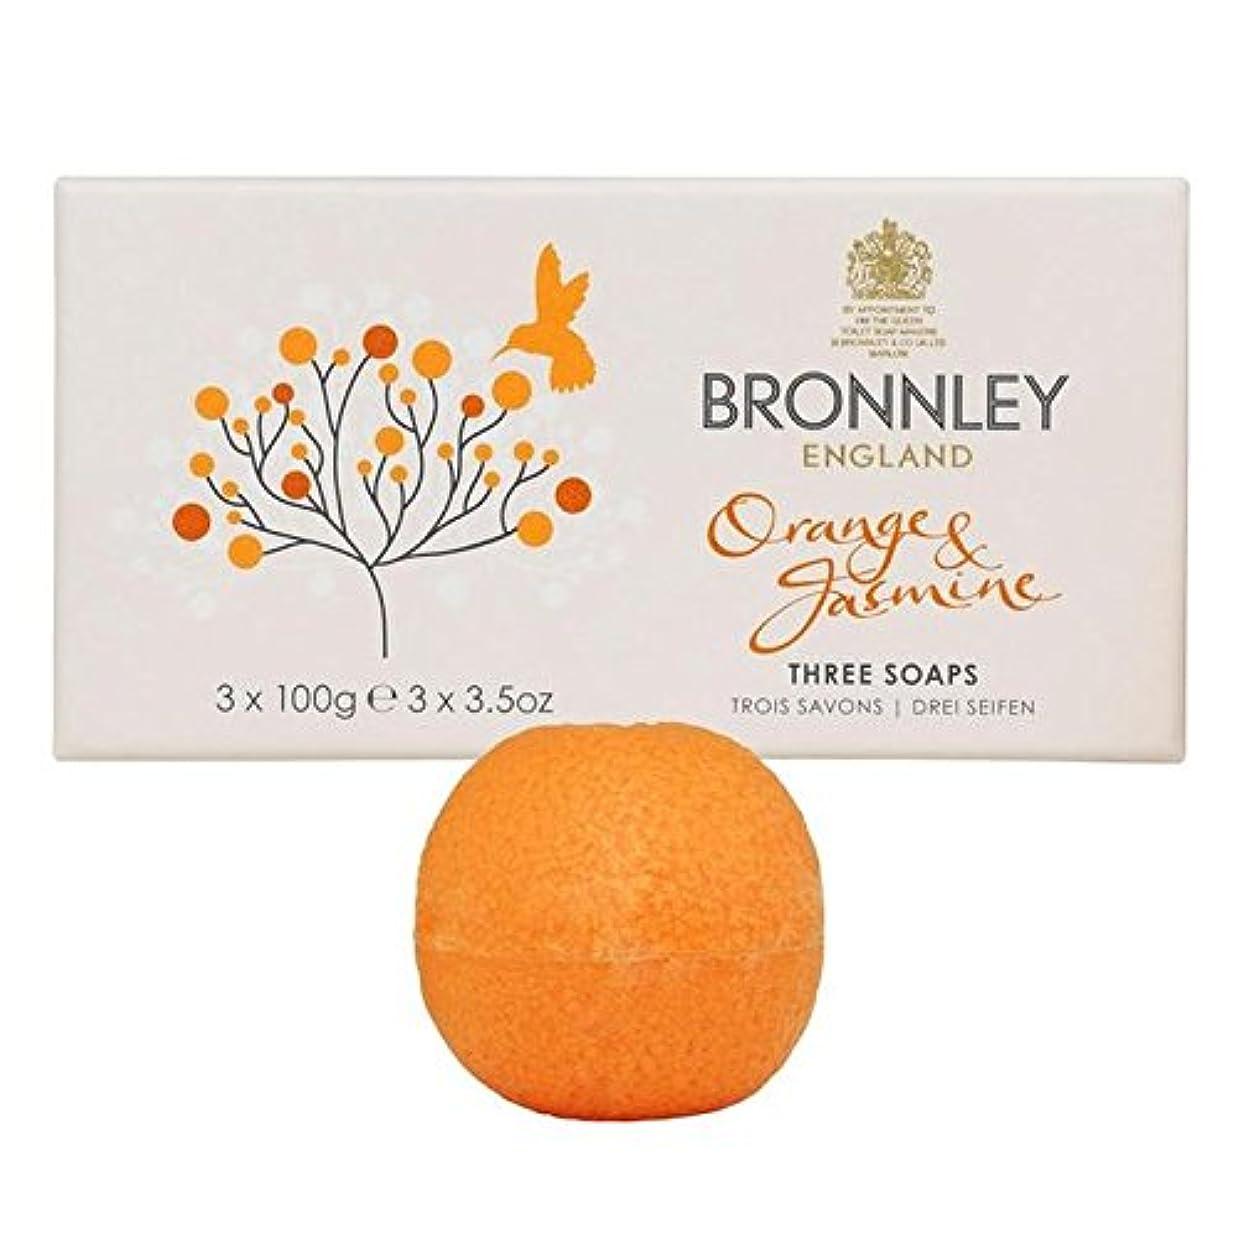 健康的パス計算するBronnley Orange & Jasmine Soaps 3 x 100g (Pack of 6) - オレンジ&ジャスミン石鹸3×100グラム x6 [並行輸入品]